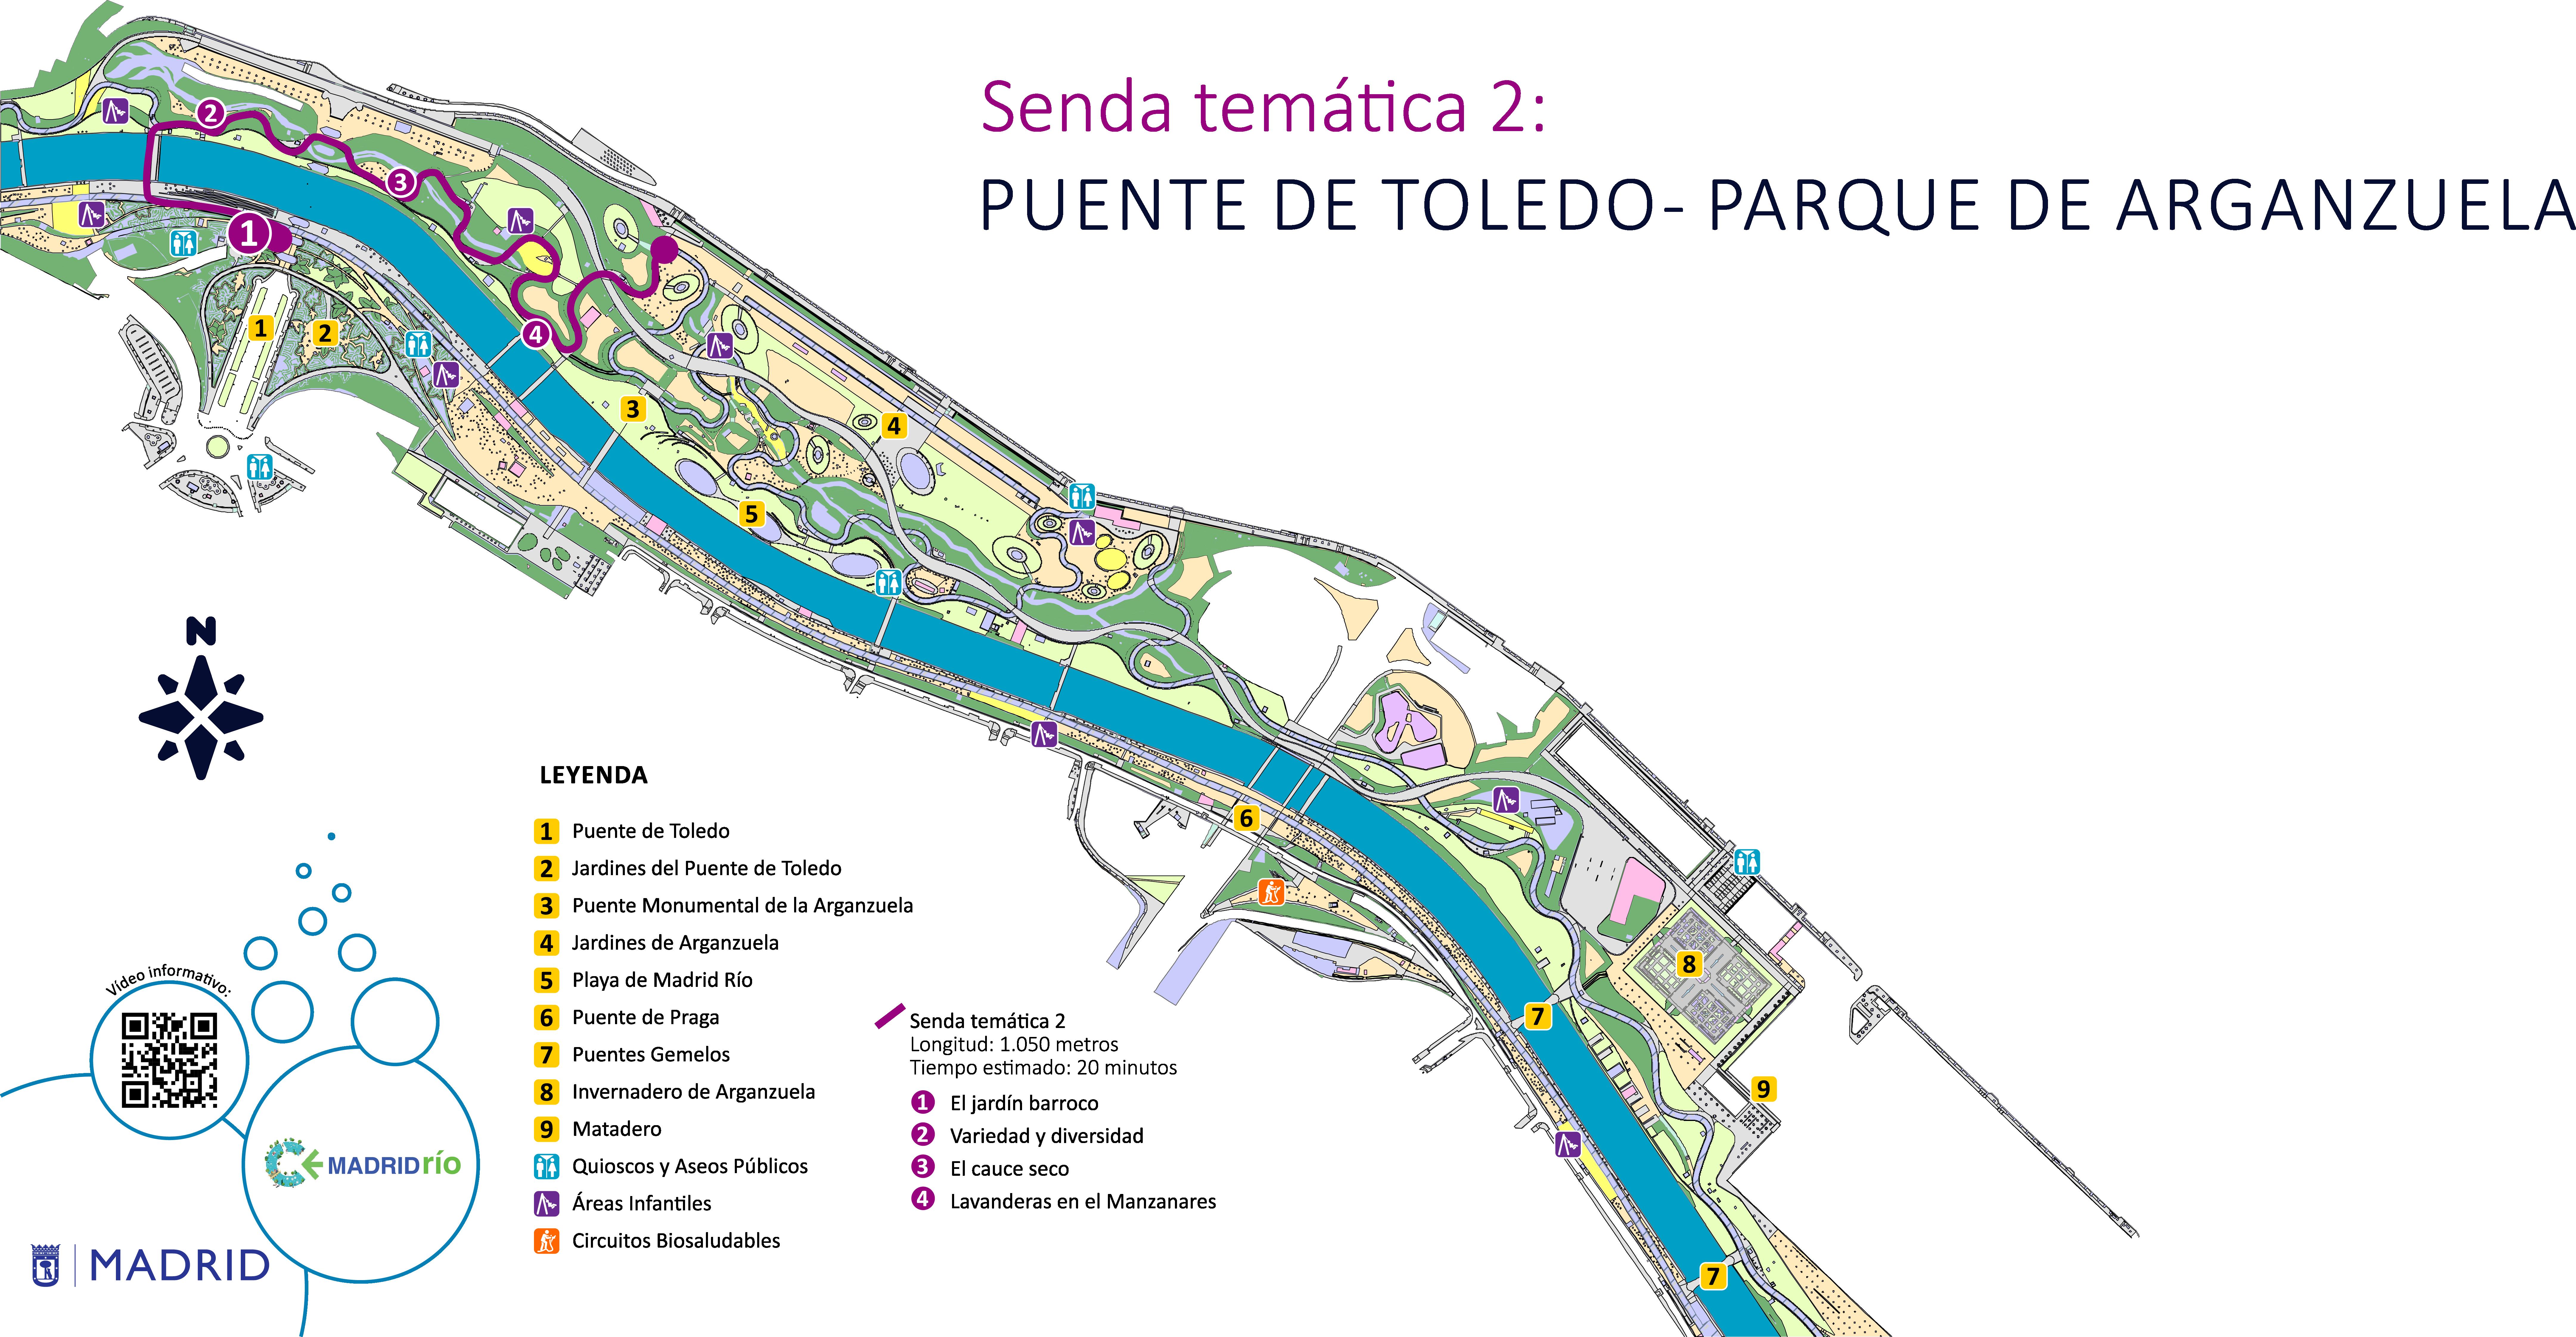 Mapa senda temática 2, puente de Toledo, parque de Arganzuela